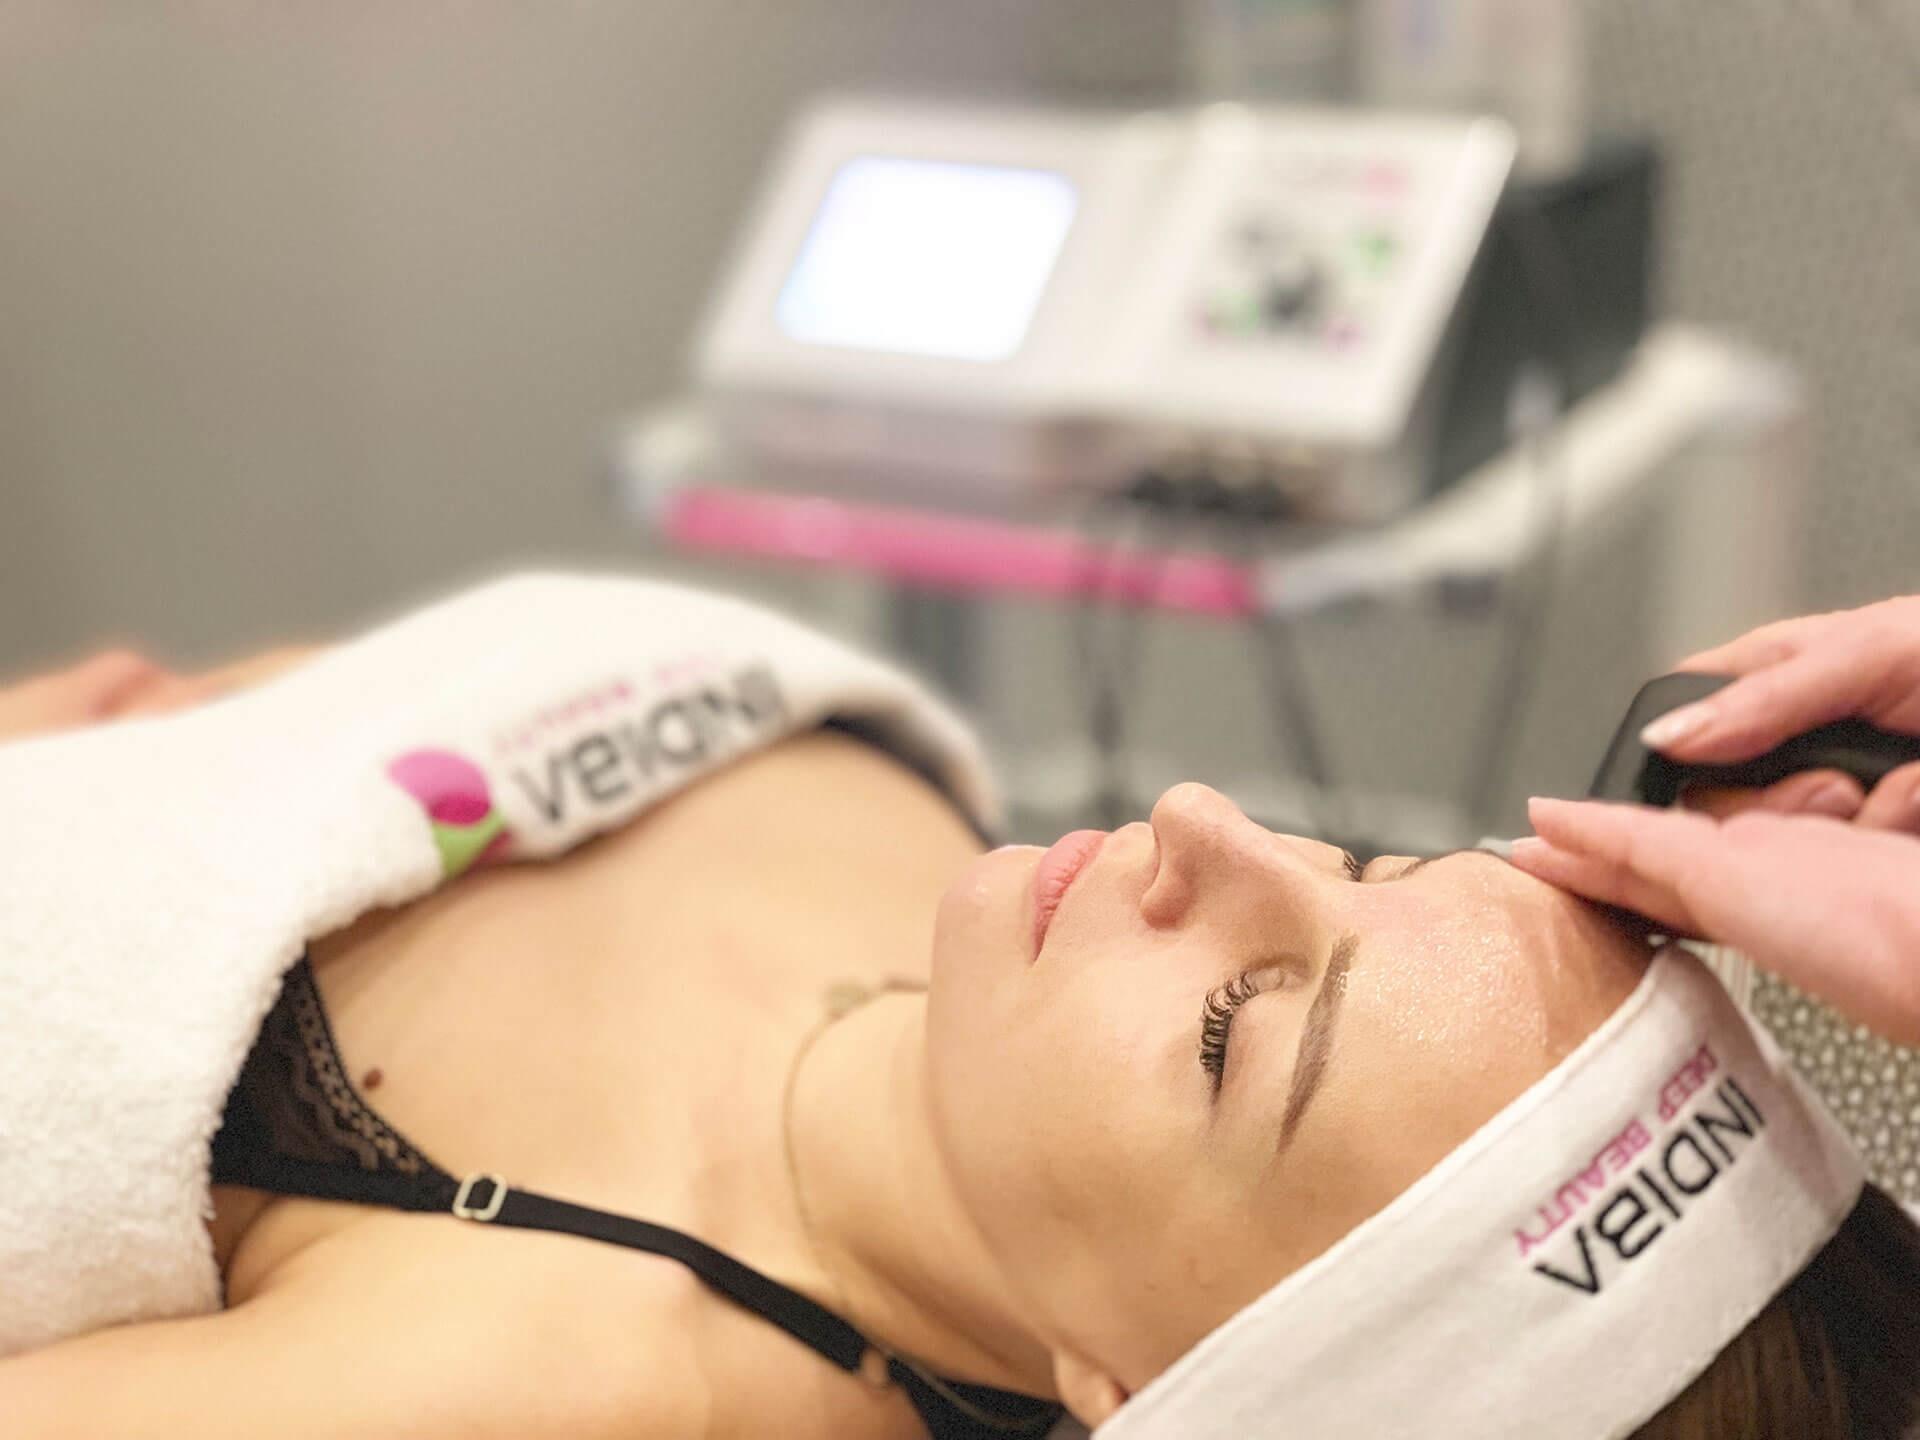 Kosmetyka twarzy - Indiba Deep Beauty 2 - gabinet kosmetyczny Esthe w Lublinie